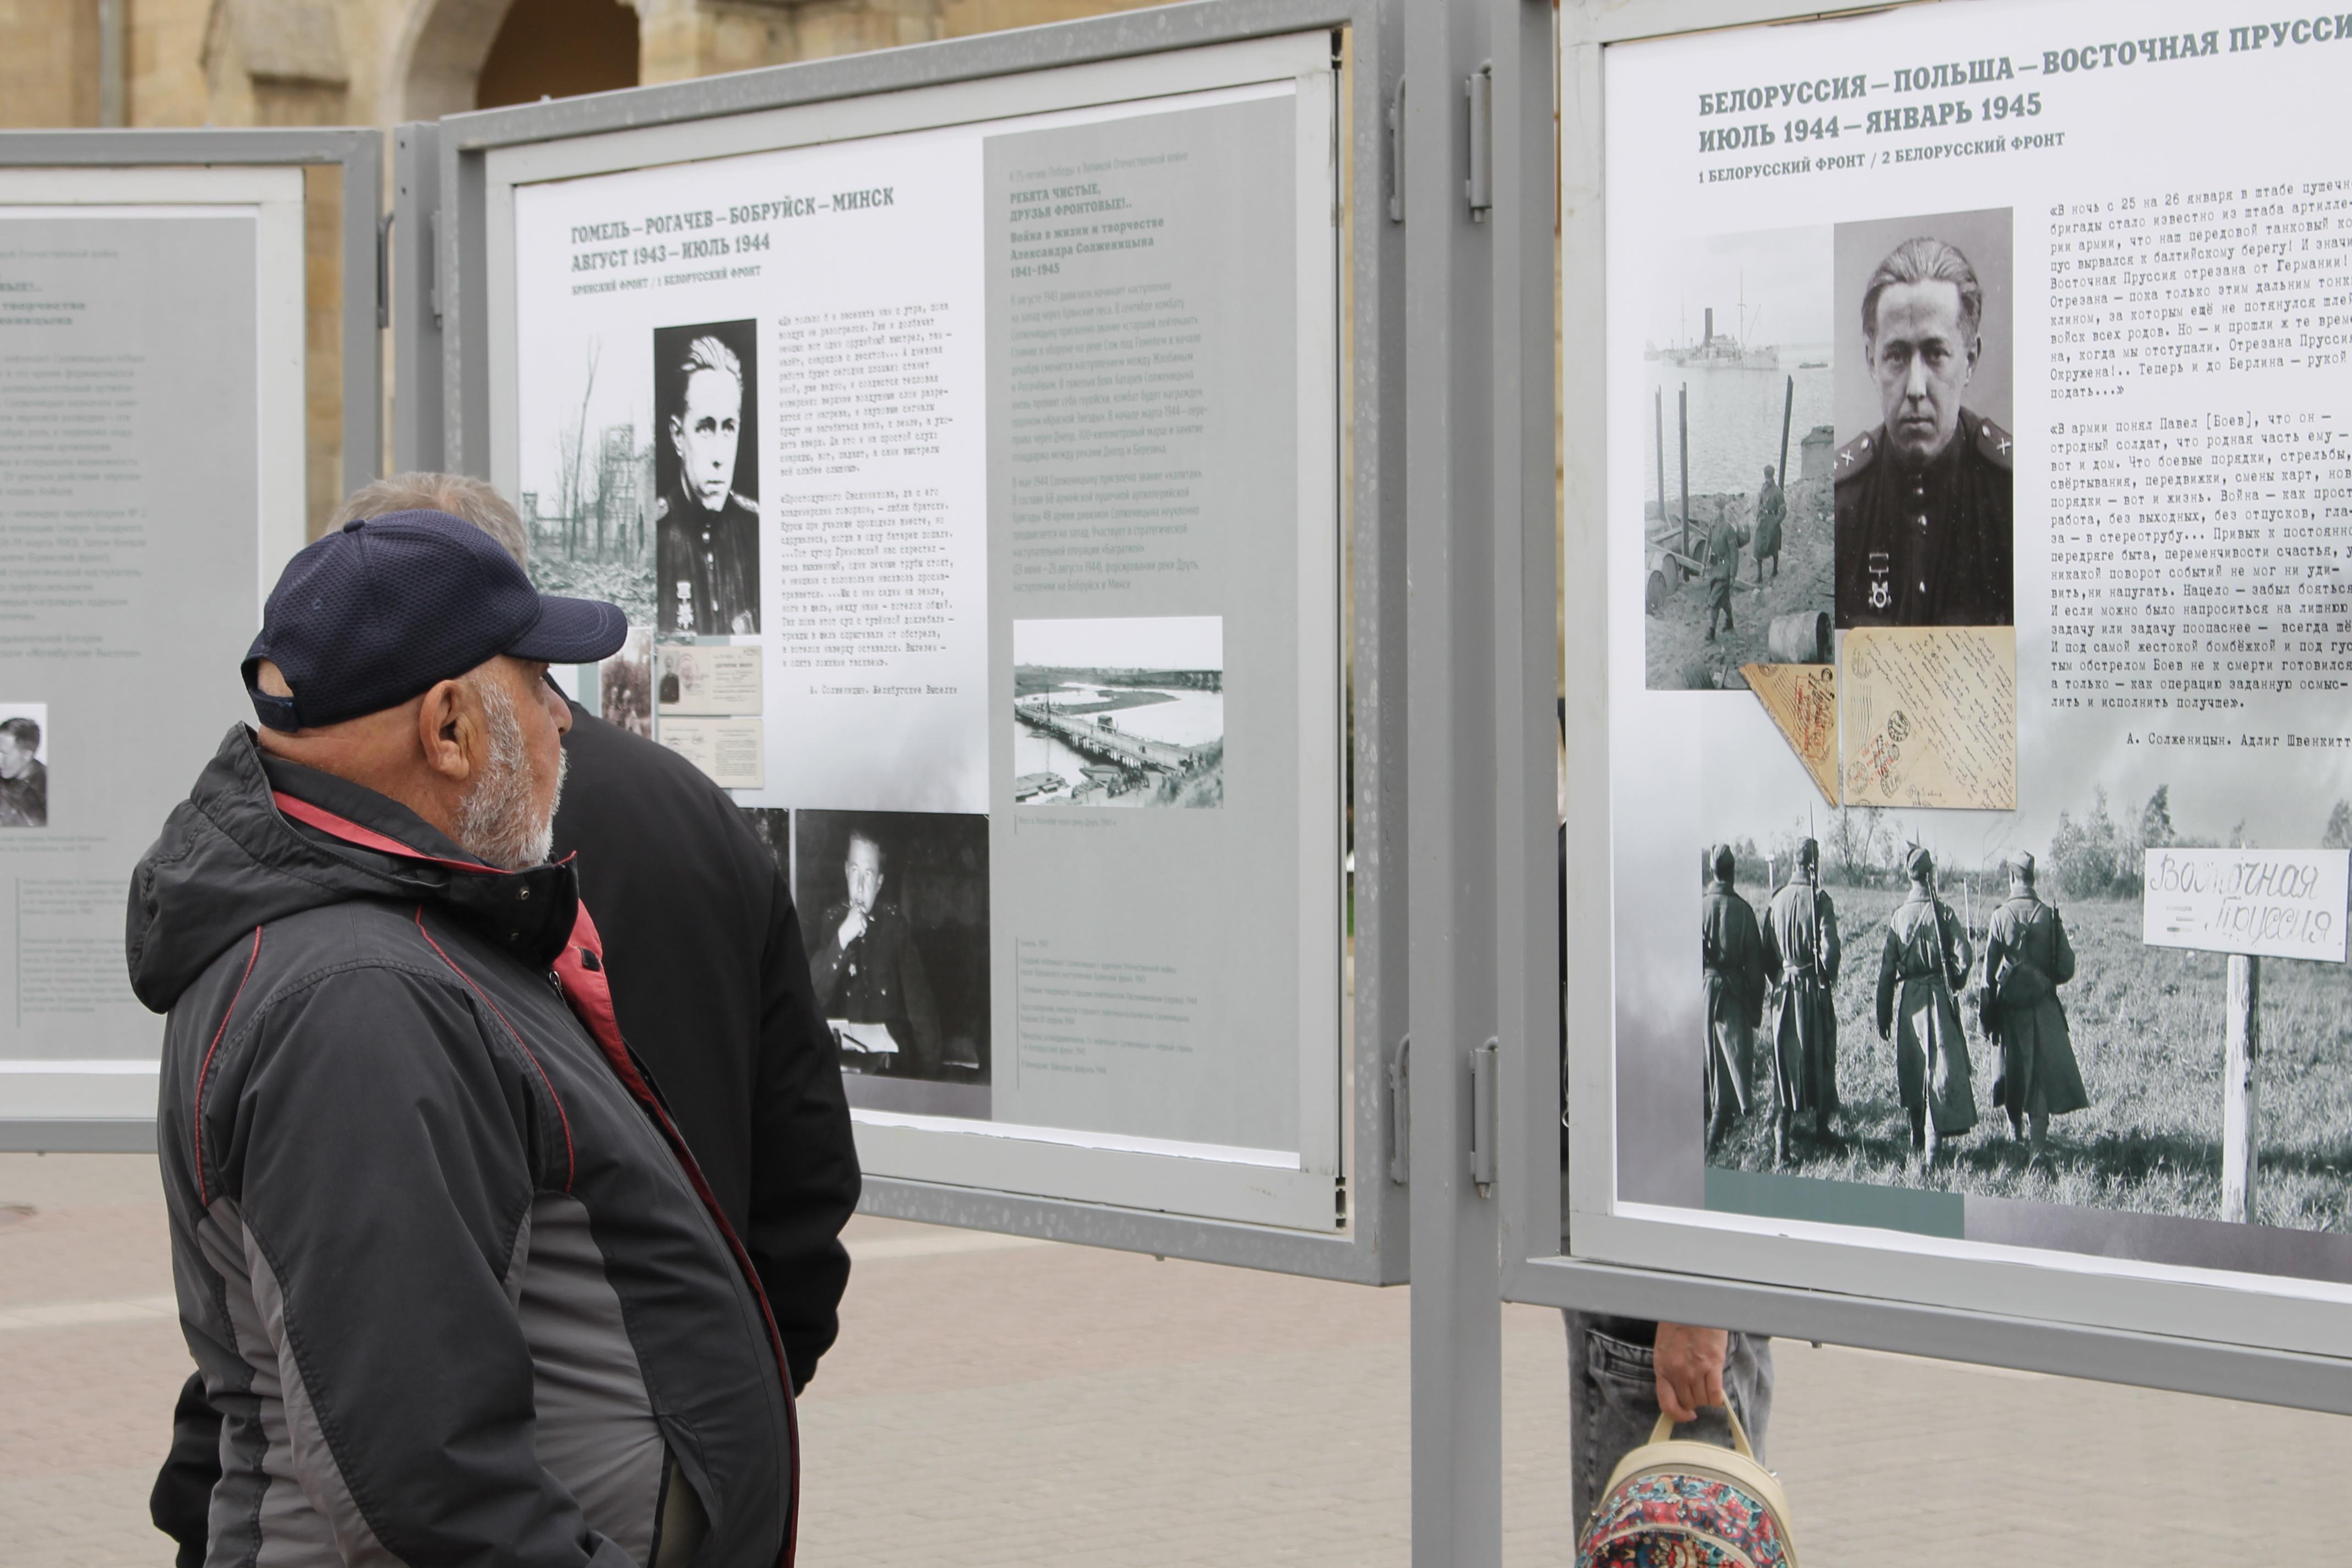 20210505-«Ребята чистые, друзья фронтовые!..» - в Кисловодске открылась выставка о военной жизни Александра Солженицына-pic2